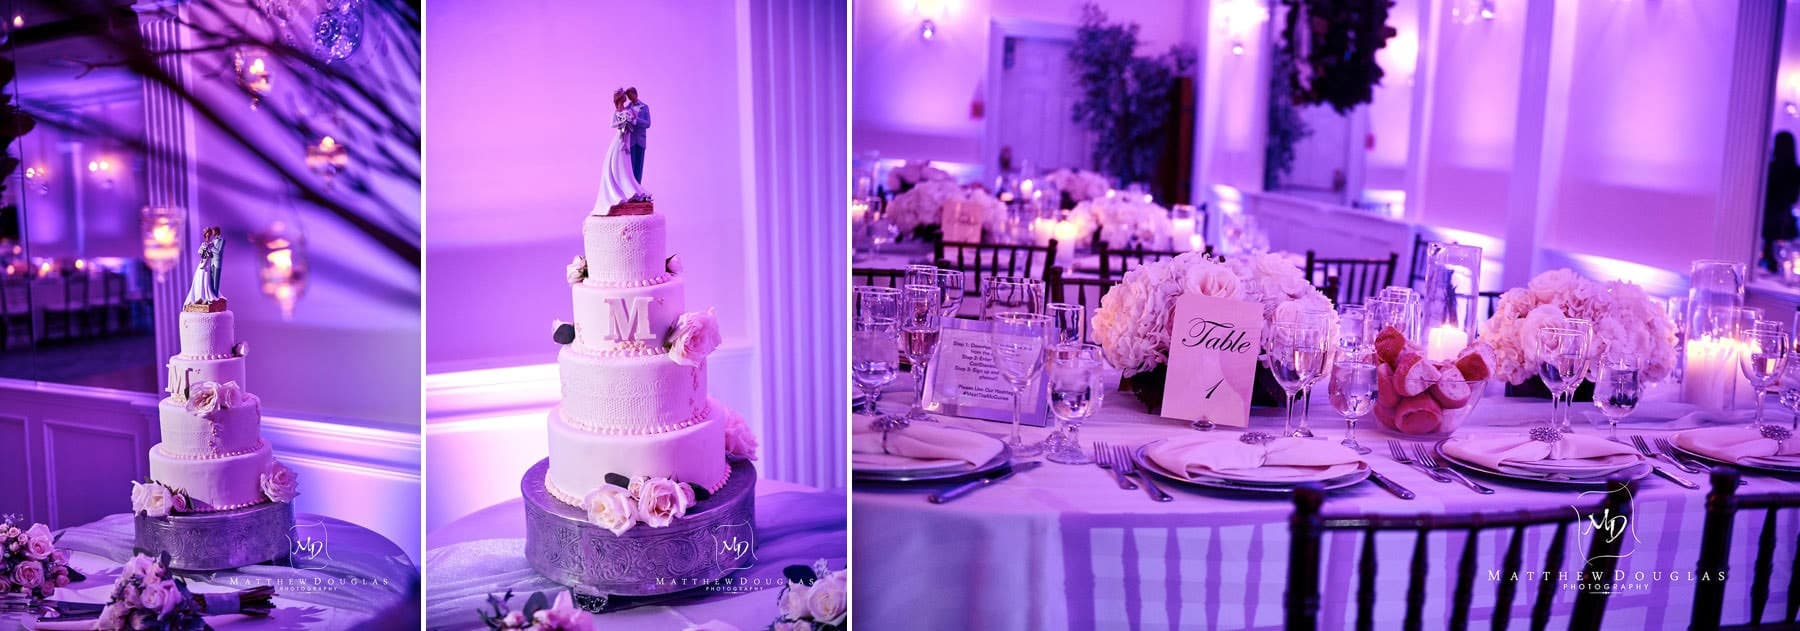 wedding detail photos at the bernards inn